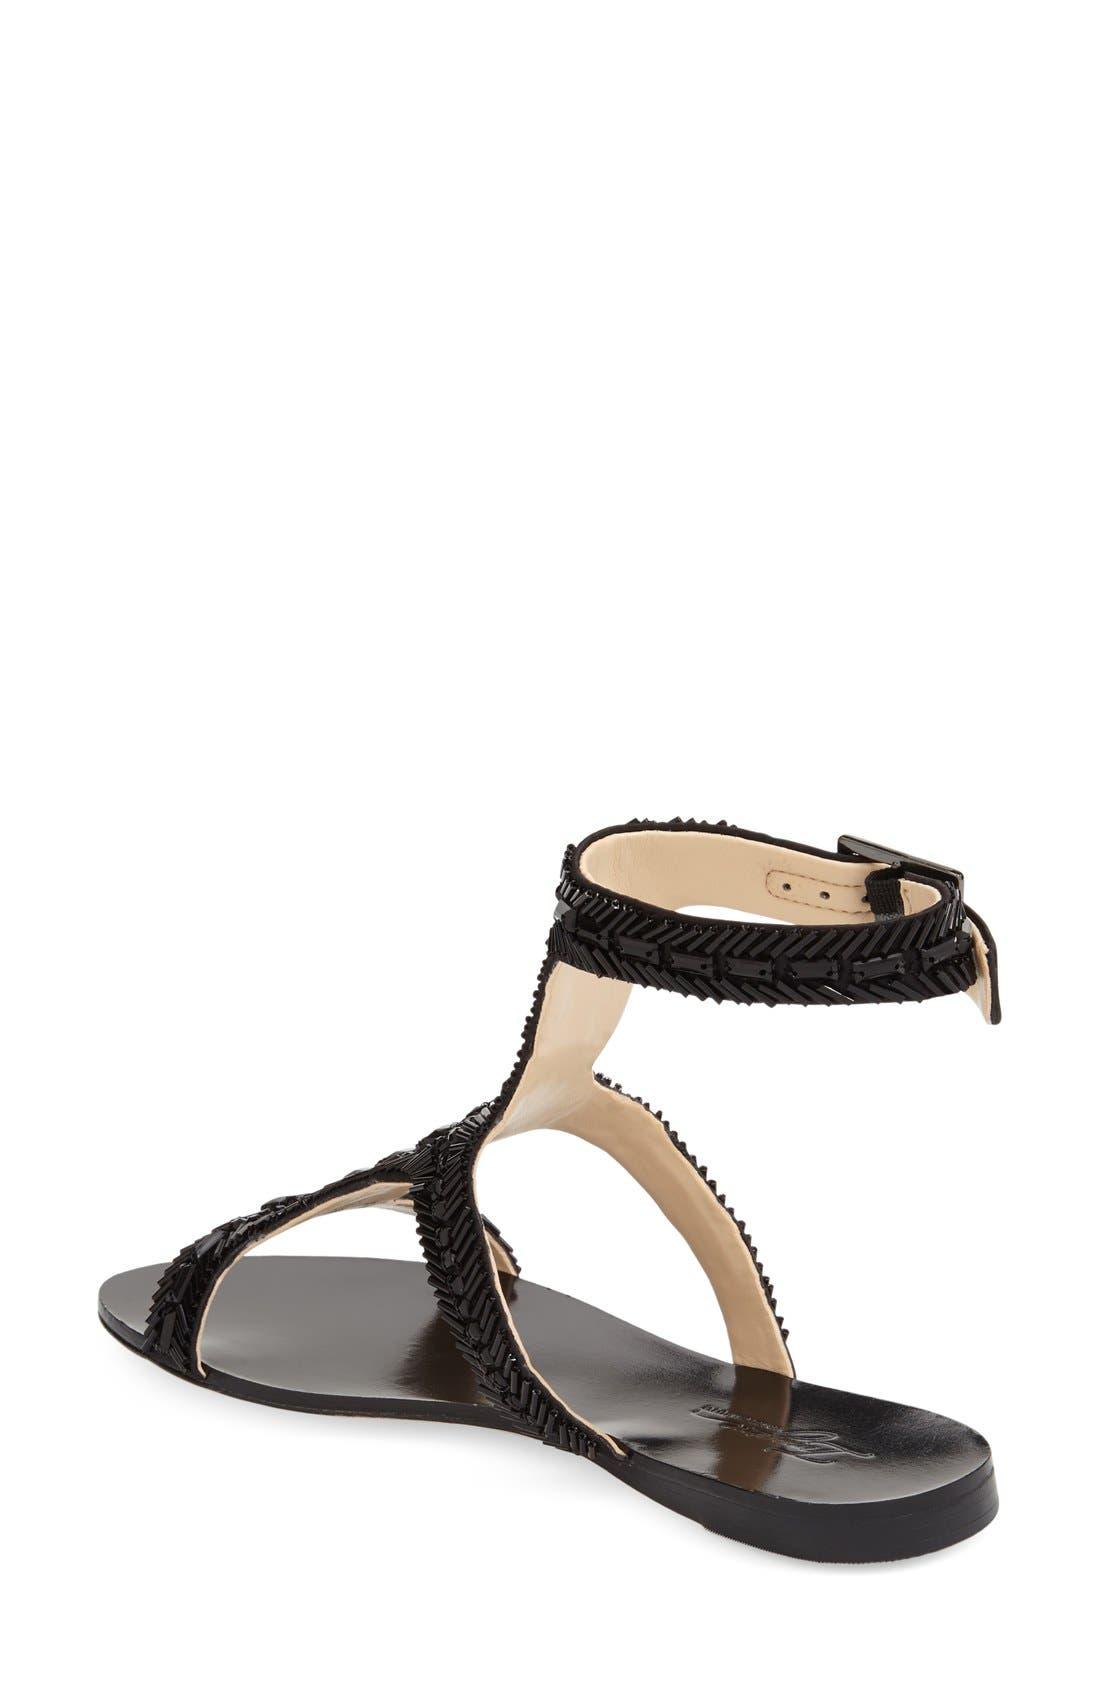 Imagine Vince Camuto 'Reid' Embellished T-Strap Flat Sandal,                             Alternate thumbnail 3, color,